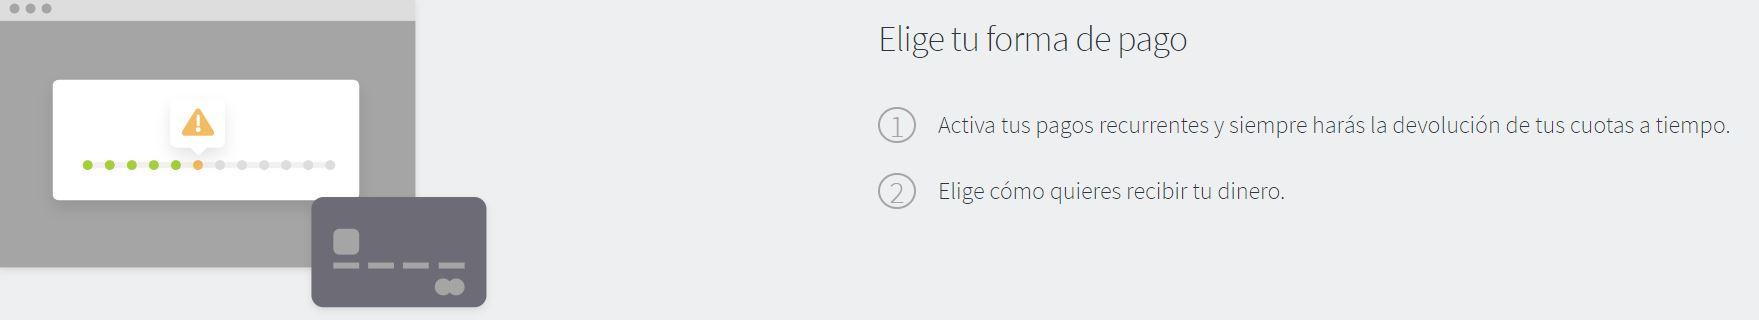 Monedo Now es un proveedor de préstamos muy fiable.